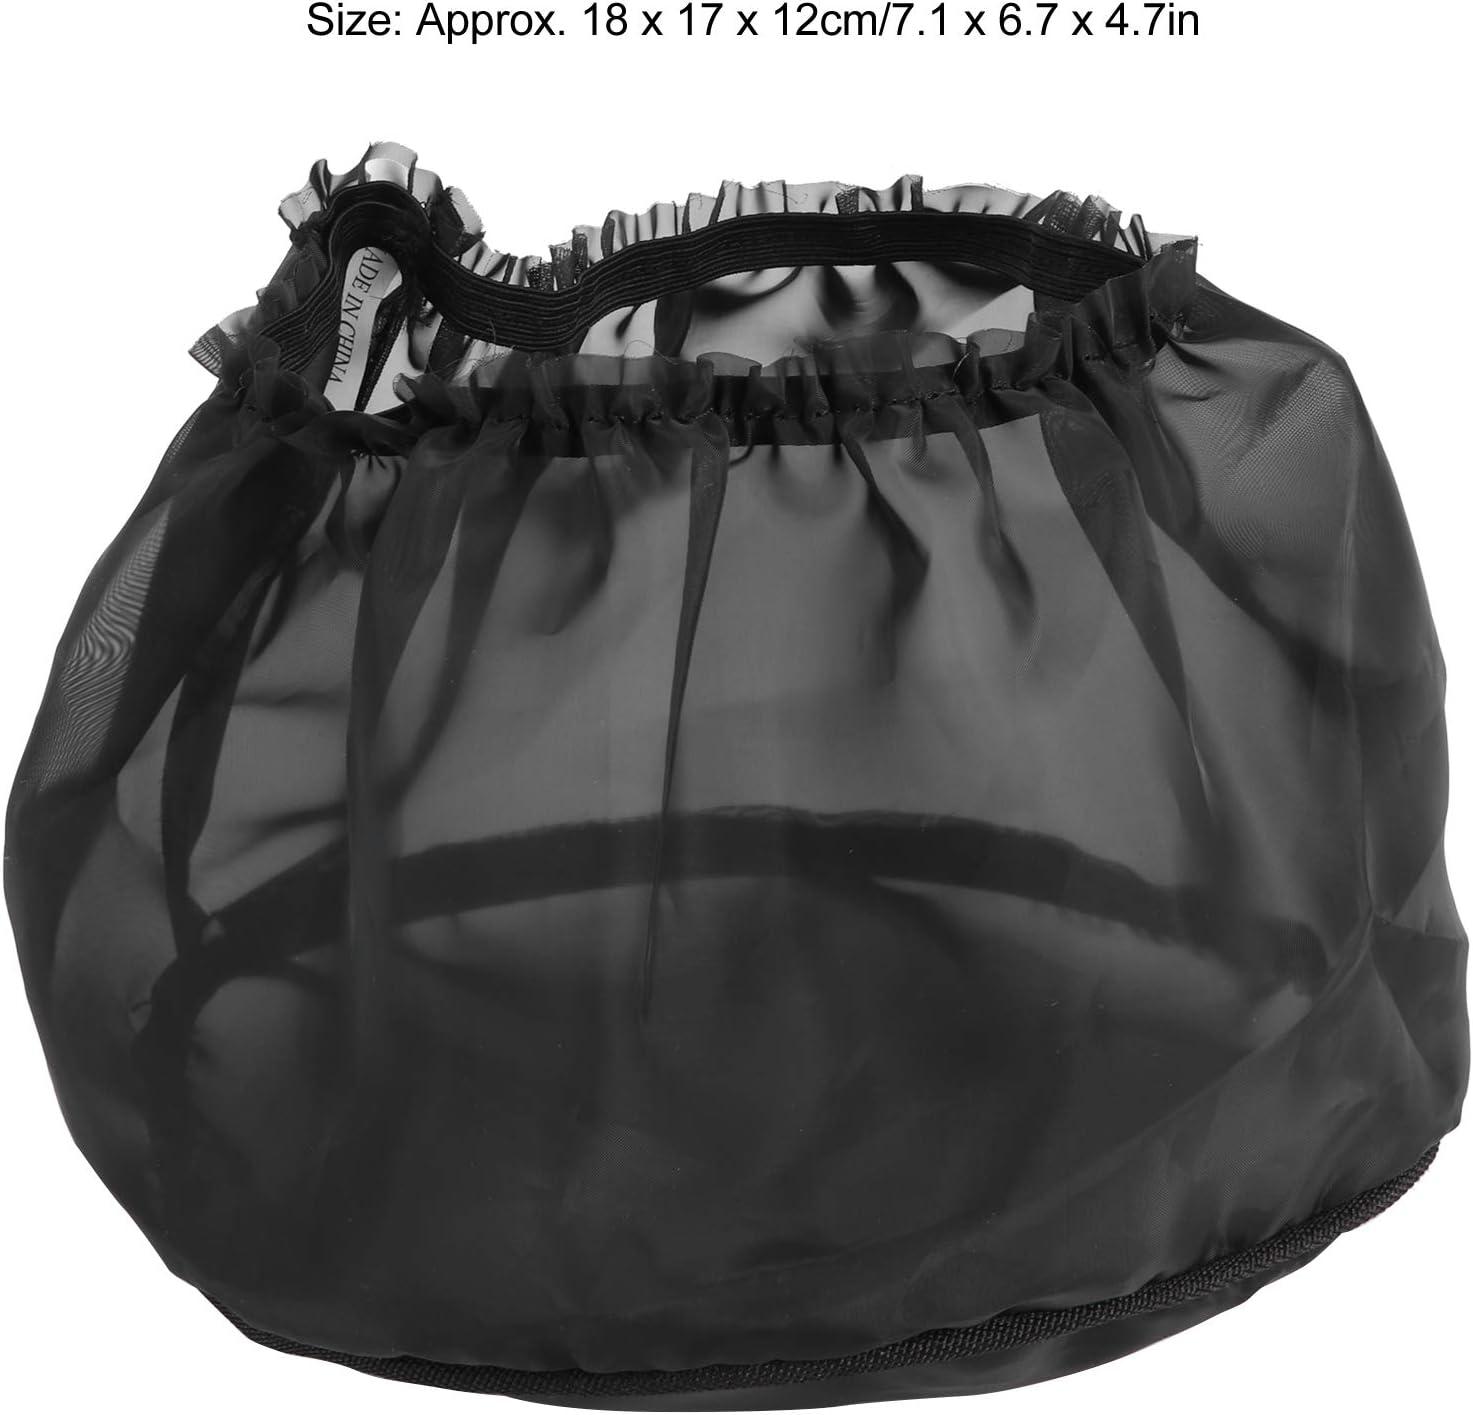 copertura antipioggia per filtro dellaria impermeabile universale parte per moto Calza antipioggia per filtro dellaria nera